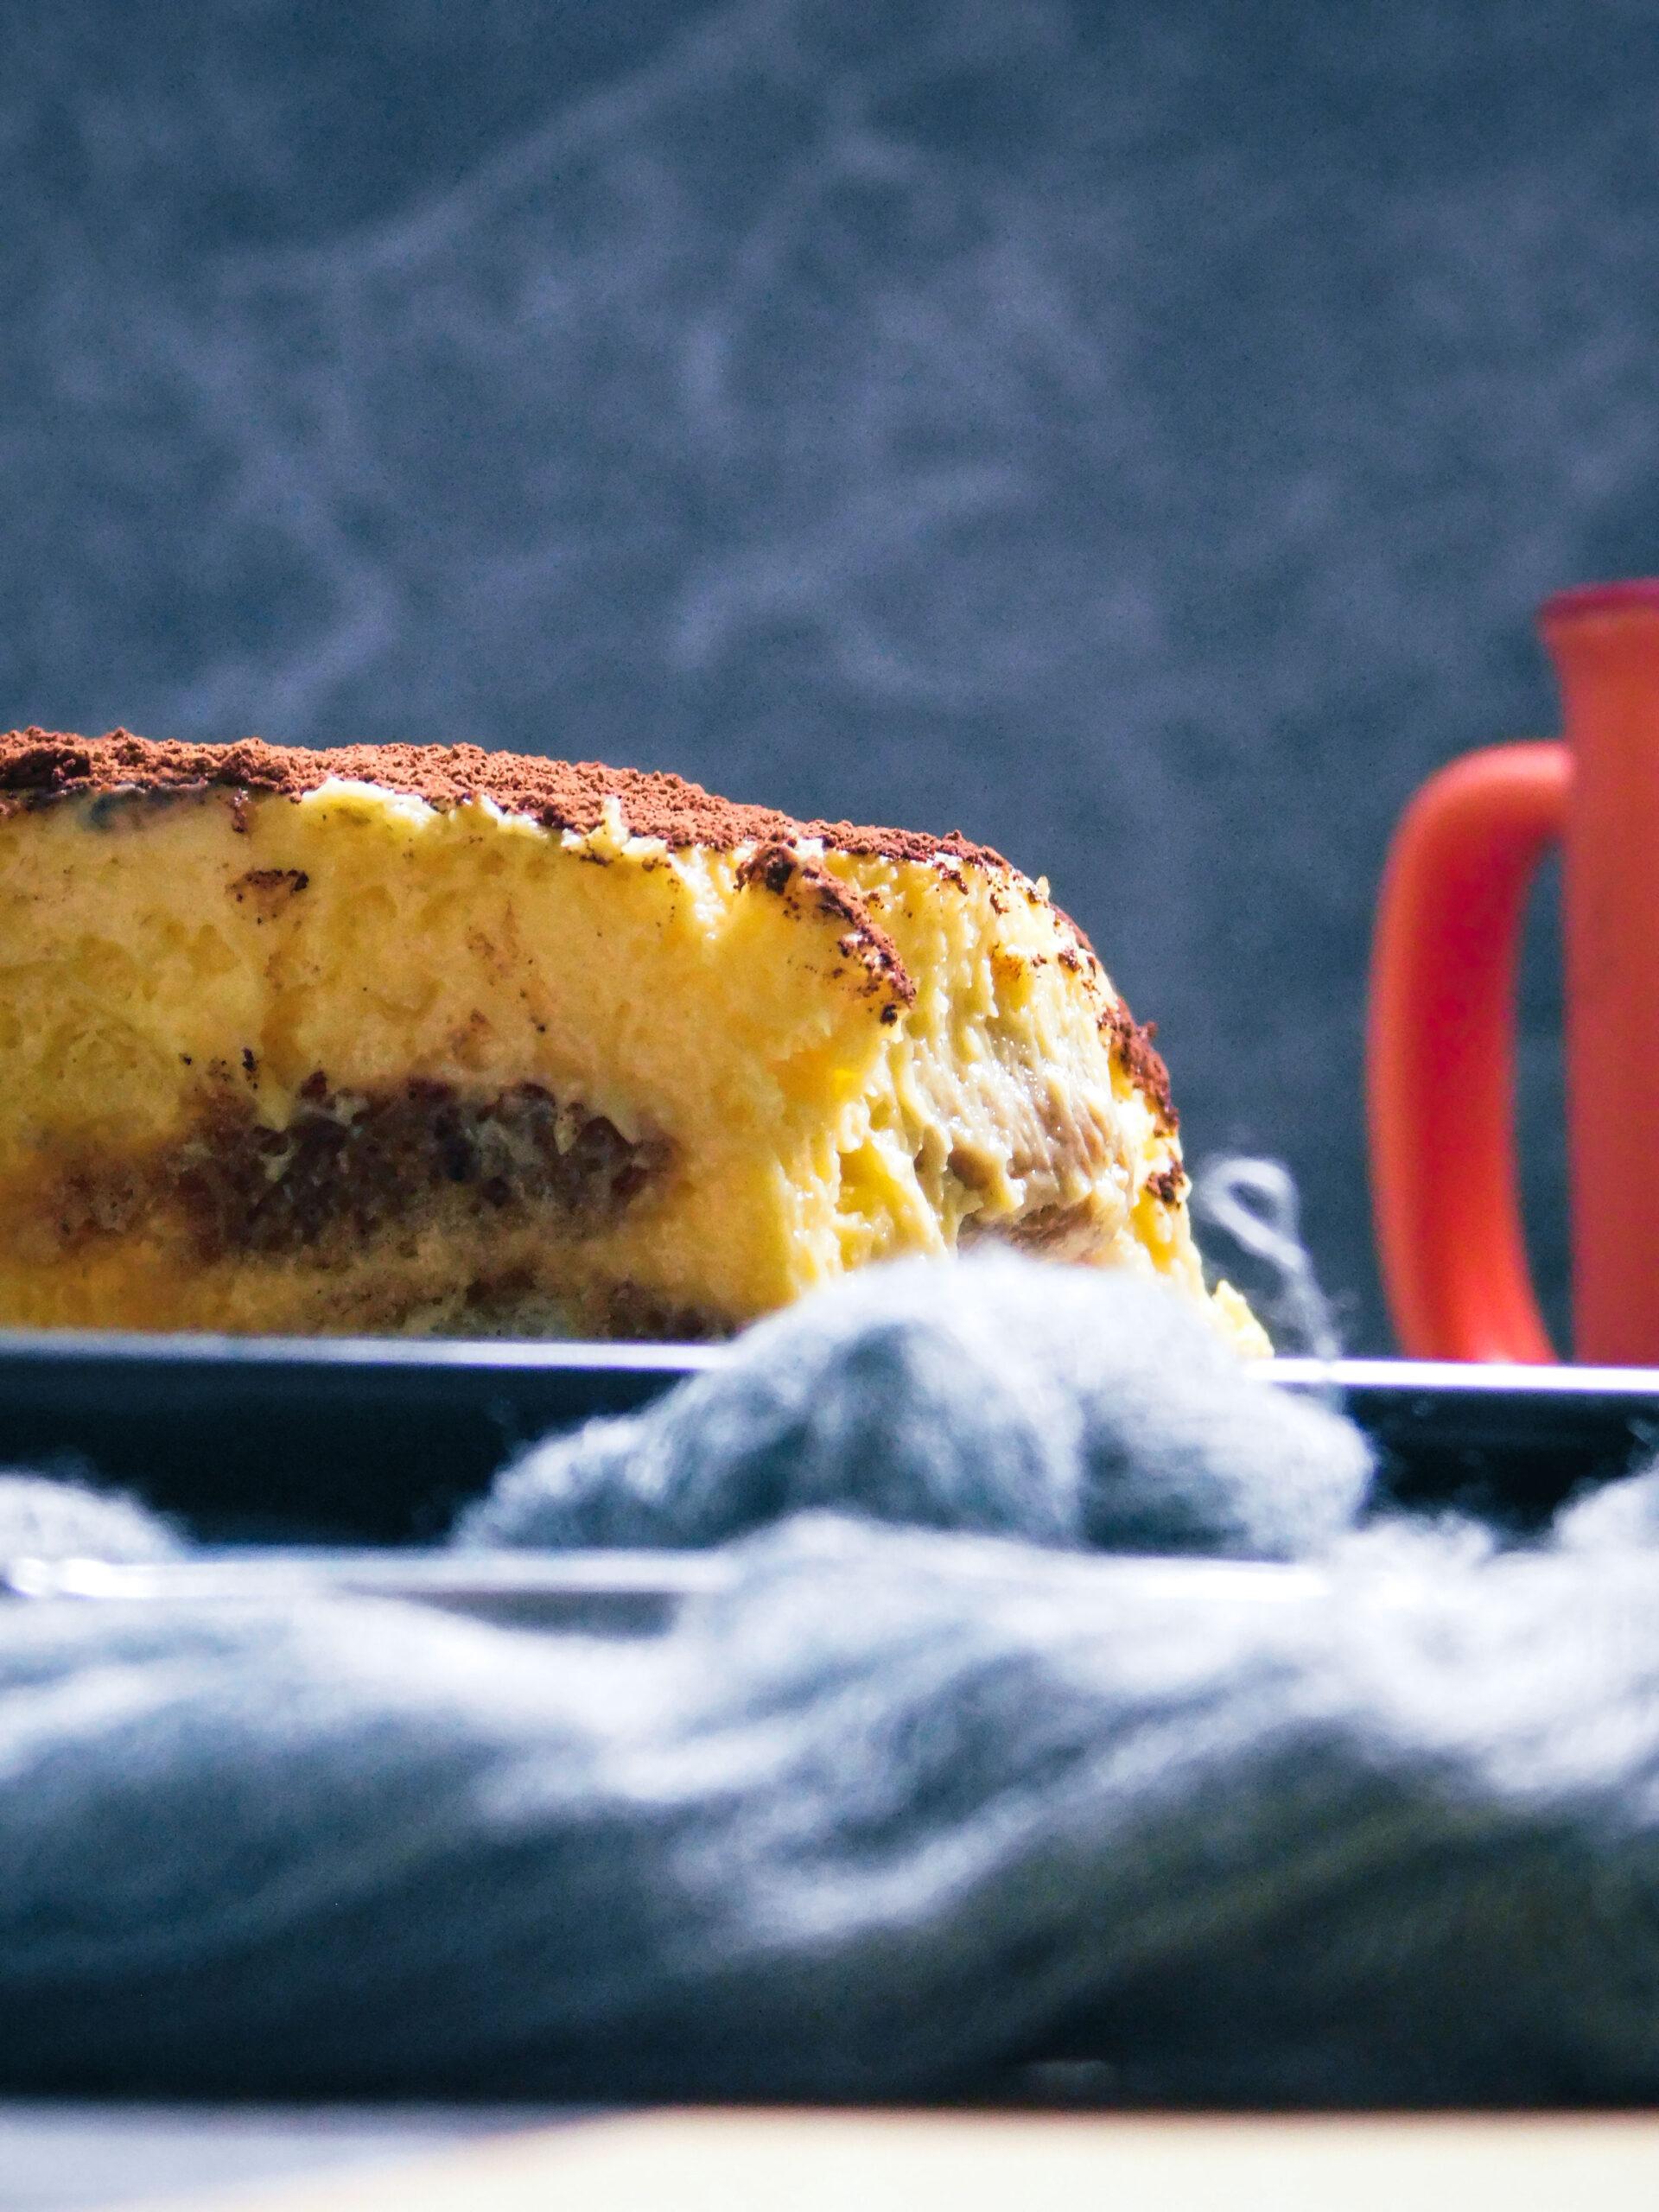 Degusta Box: La food box con alimenti esclusivi e sfiziosi - Luglio 2021